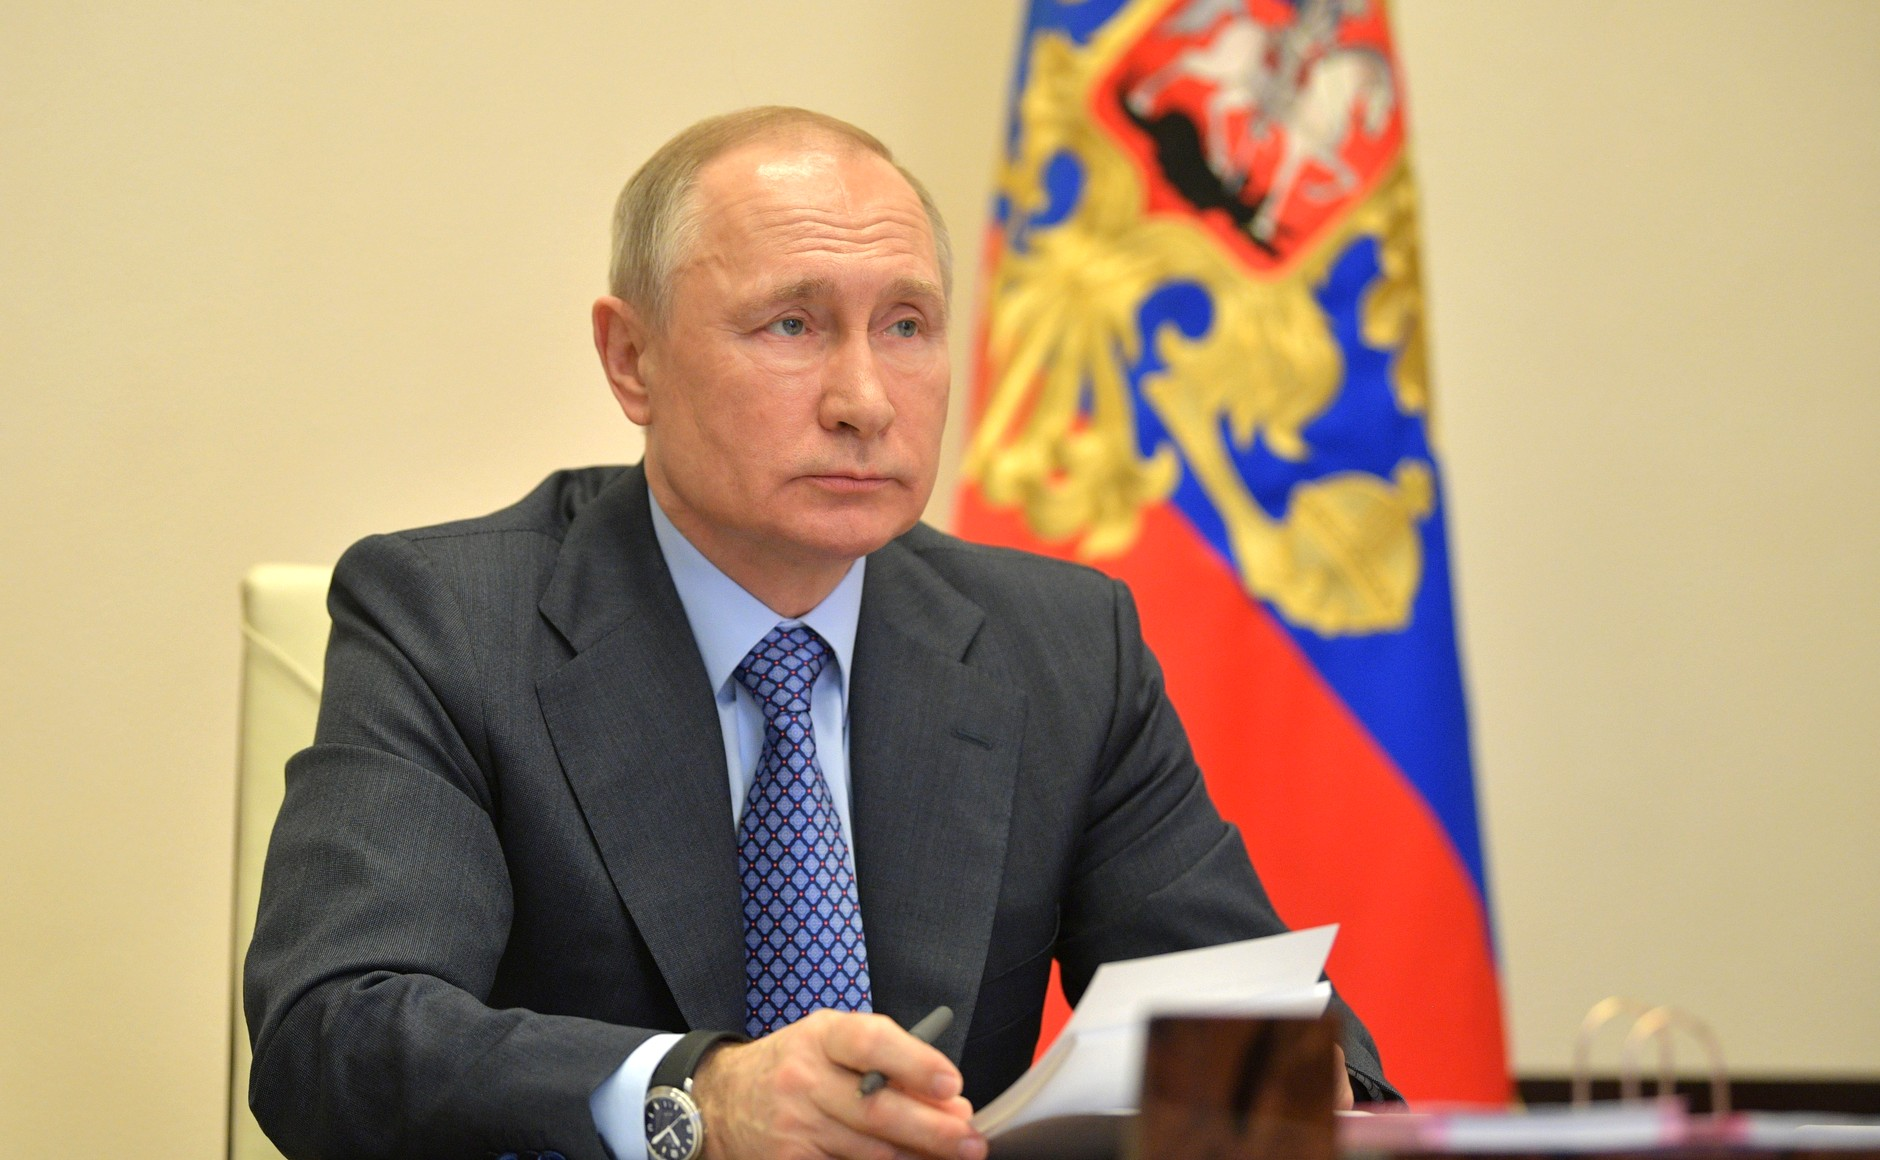 Владимир Путин на встрече членов Высшего Евразийского экономического совета